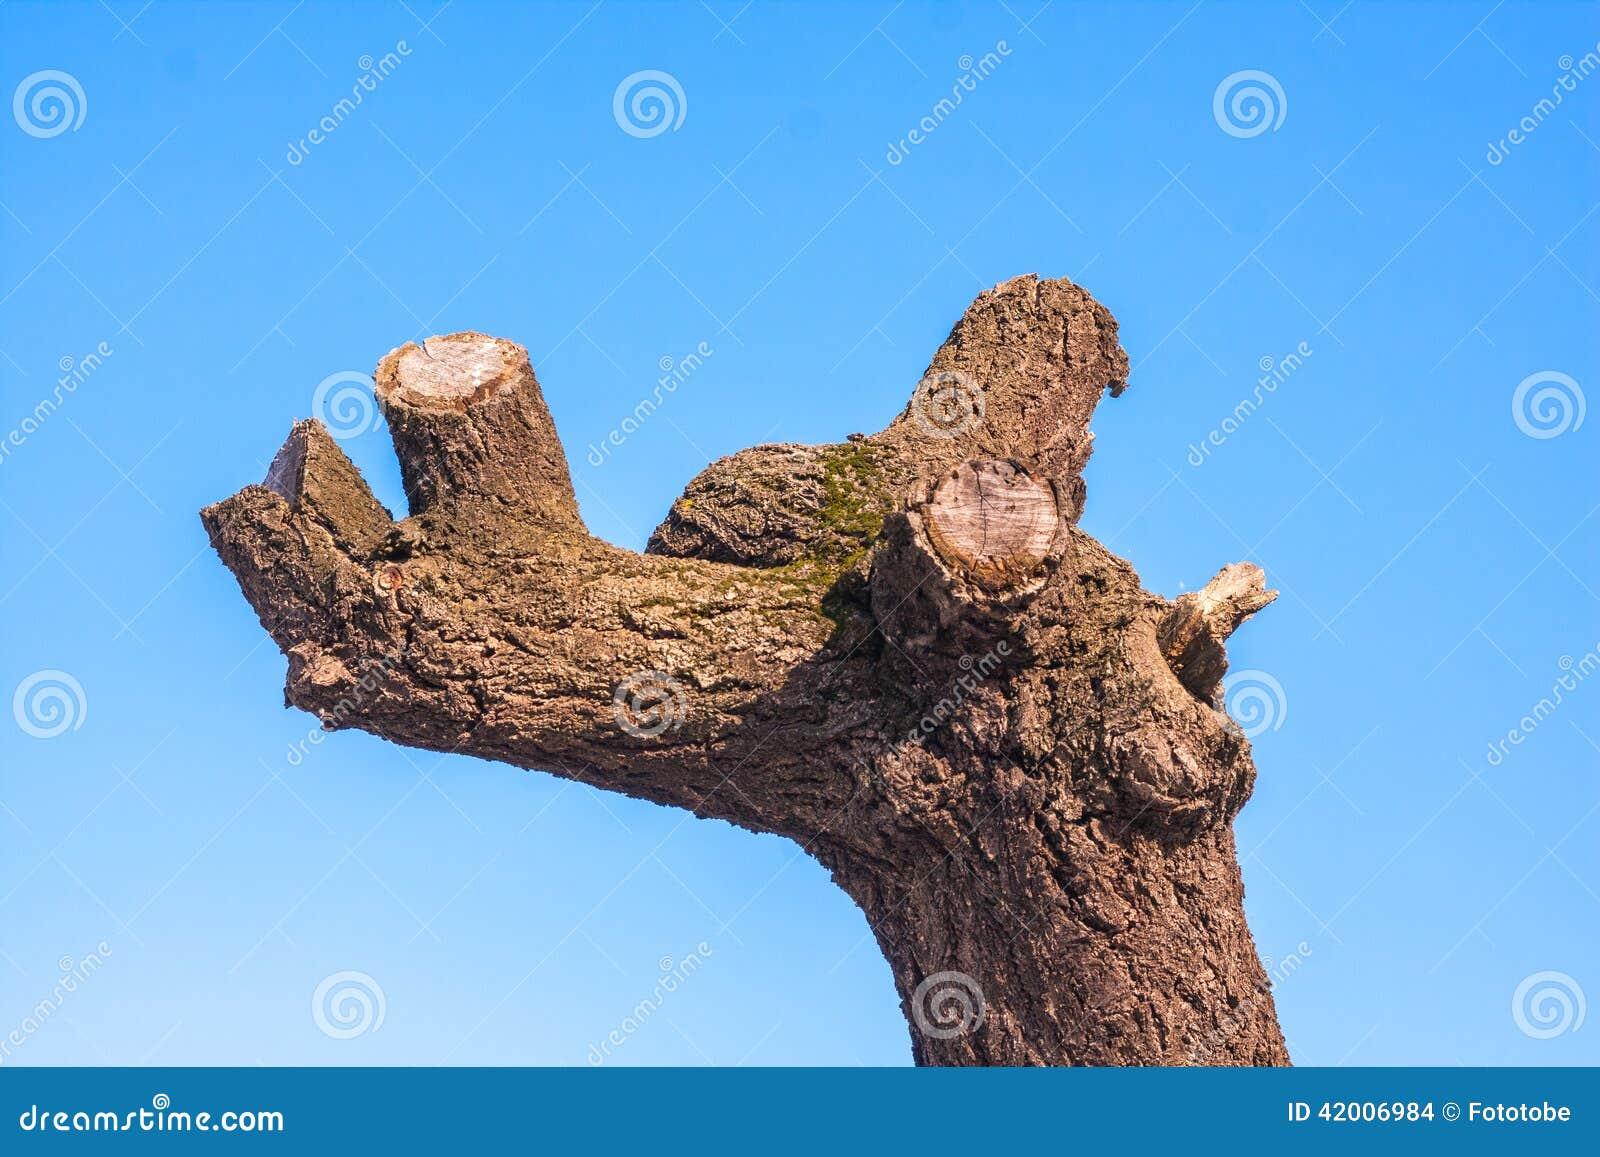 Старое дерево с уравновешенными ветвями на голубом небе